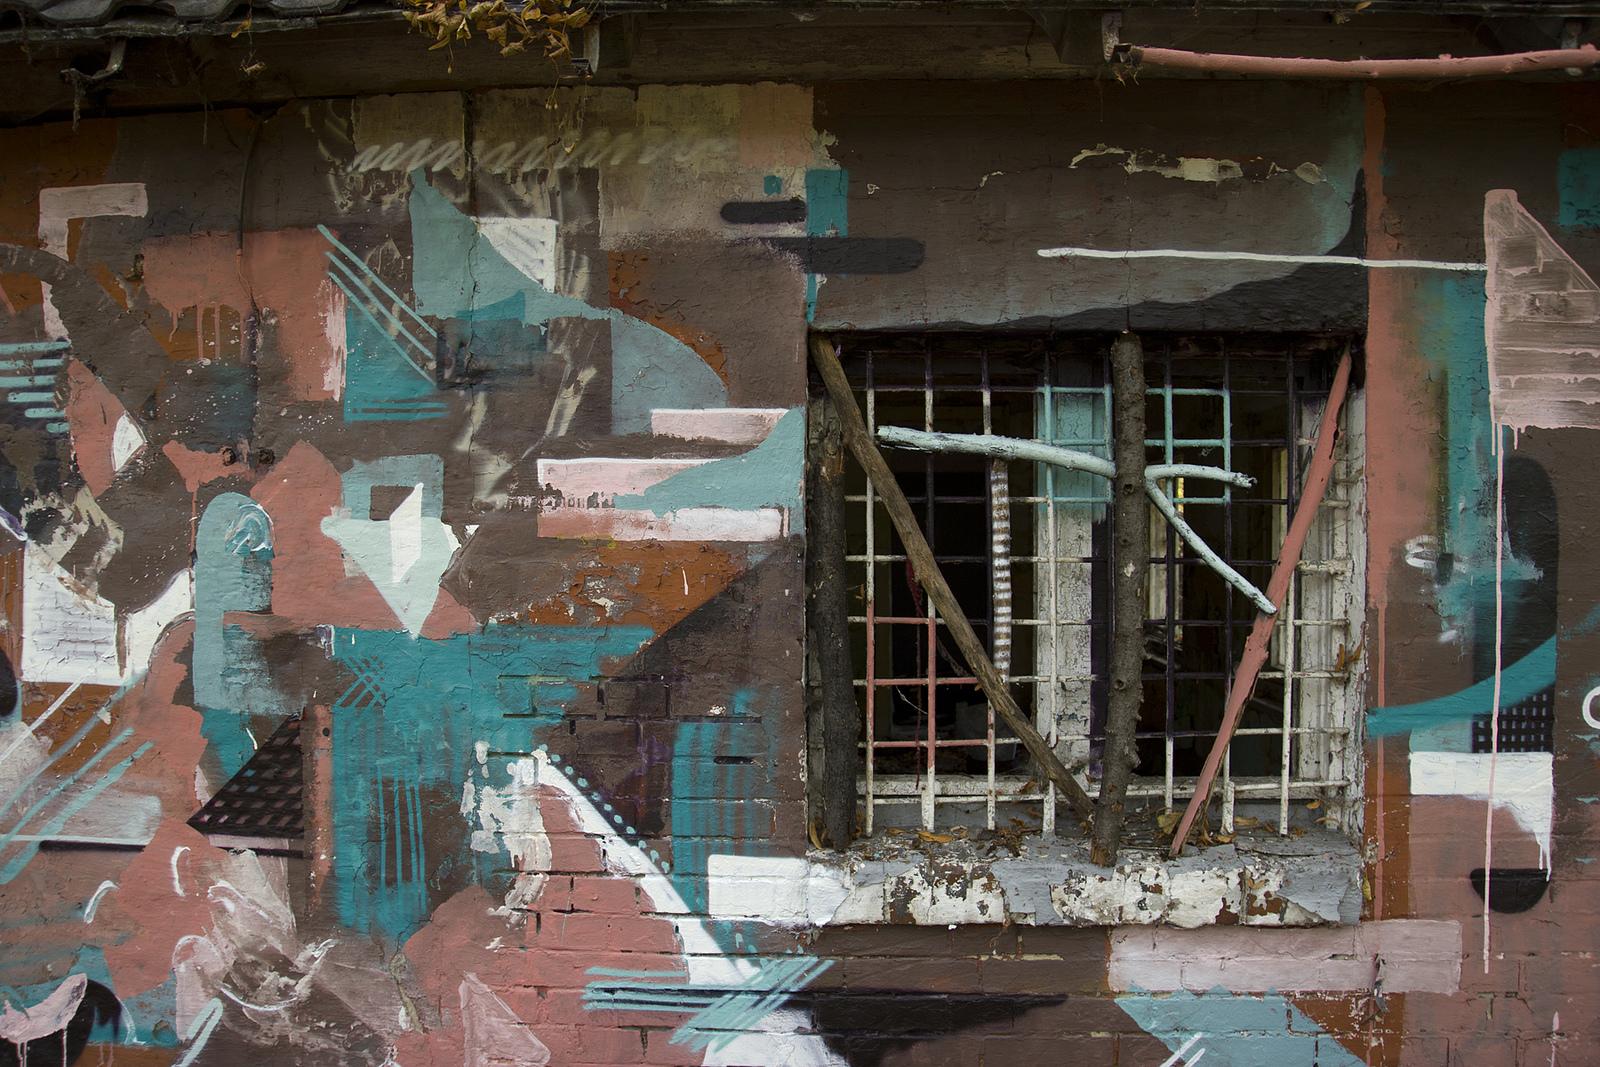 nelio-duncan-passmore-new-mural-berlin-02